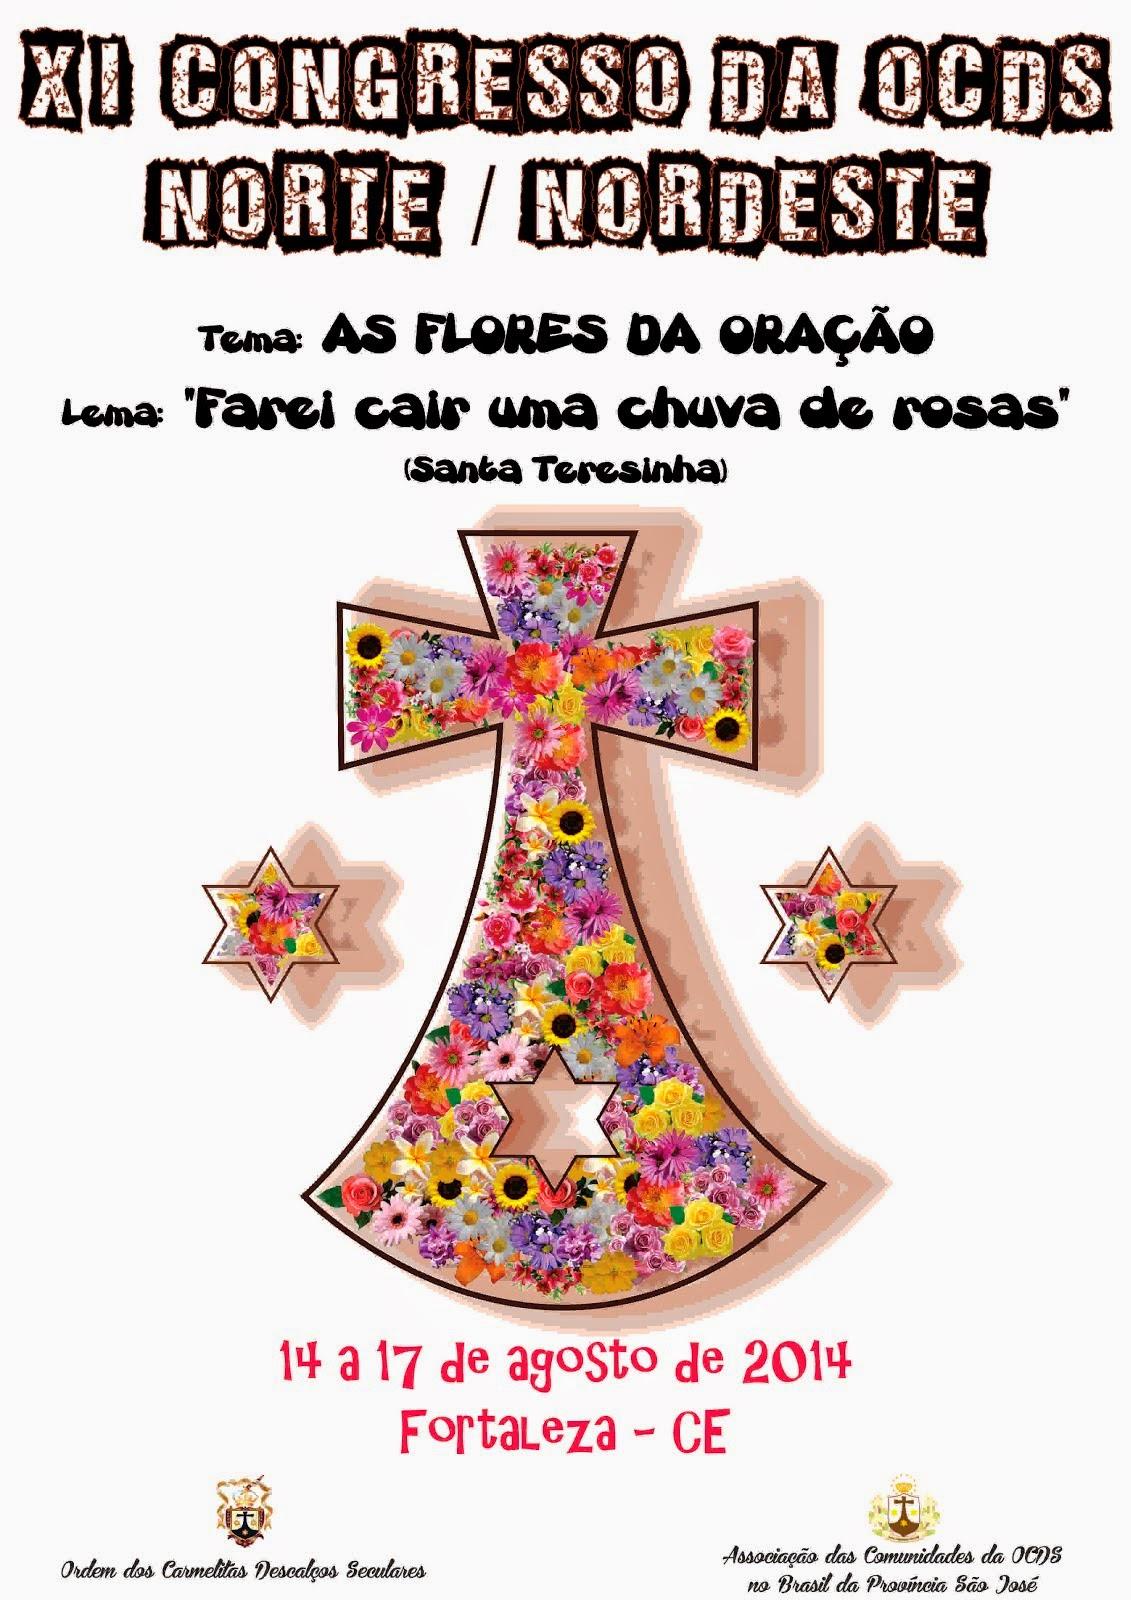 XI CONGRESSO DA OCDS NORTE/NORDESTE